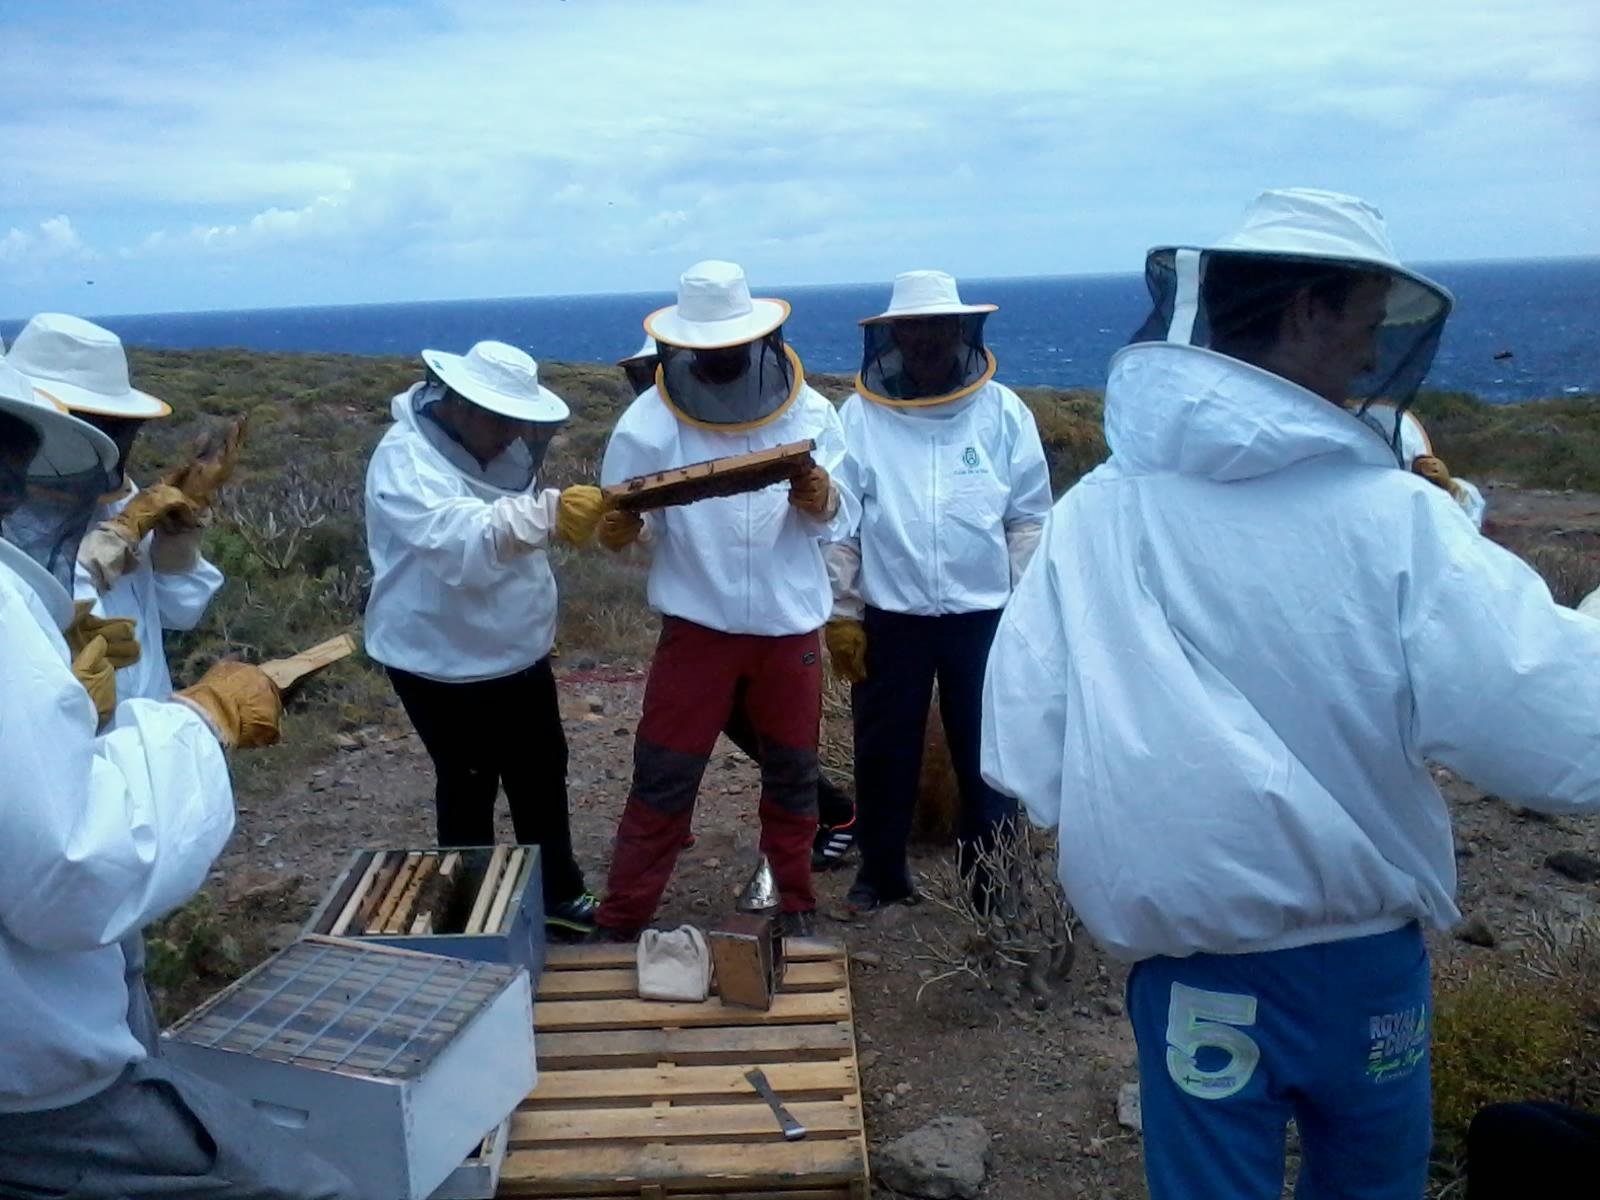 La apicultura de tenerife se muestra en los centros de ense anza casa de la miel - Trabajo desde casa tenerife ...